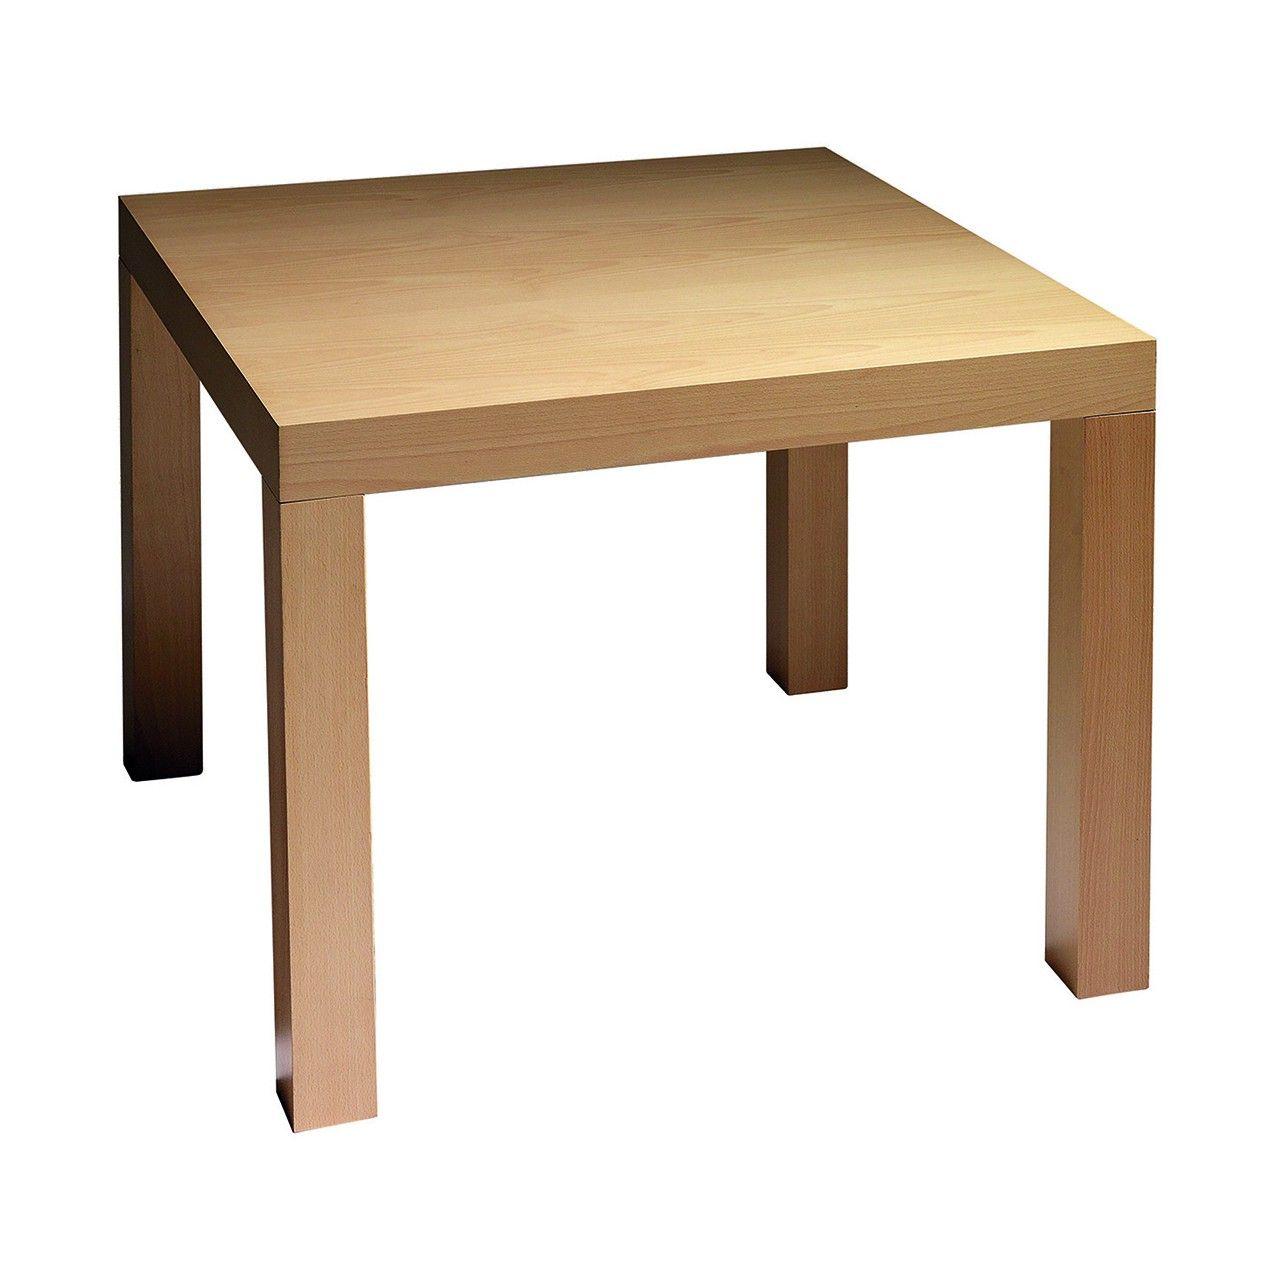 Mesa cuadrada con cuatro patas mesas de comedor for Comedores 4 patas